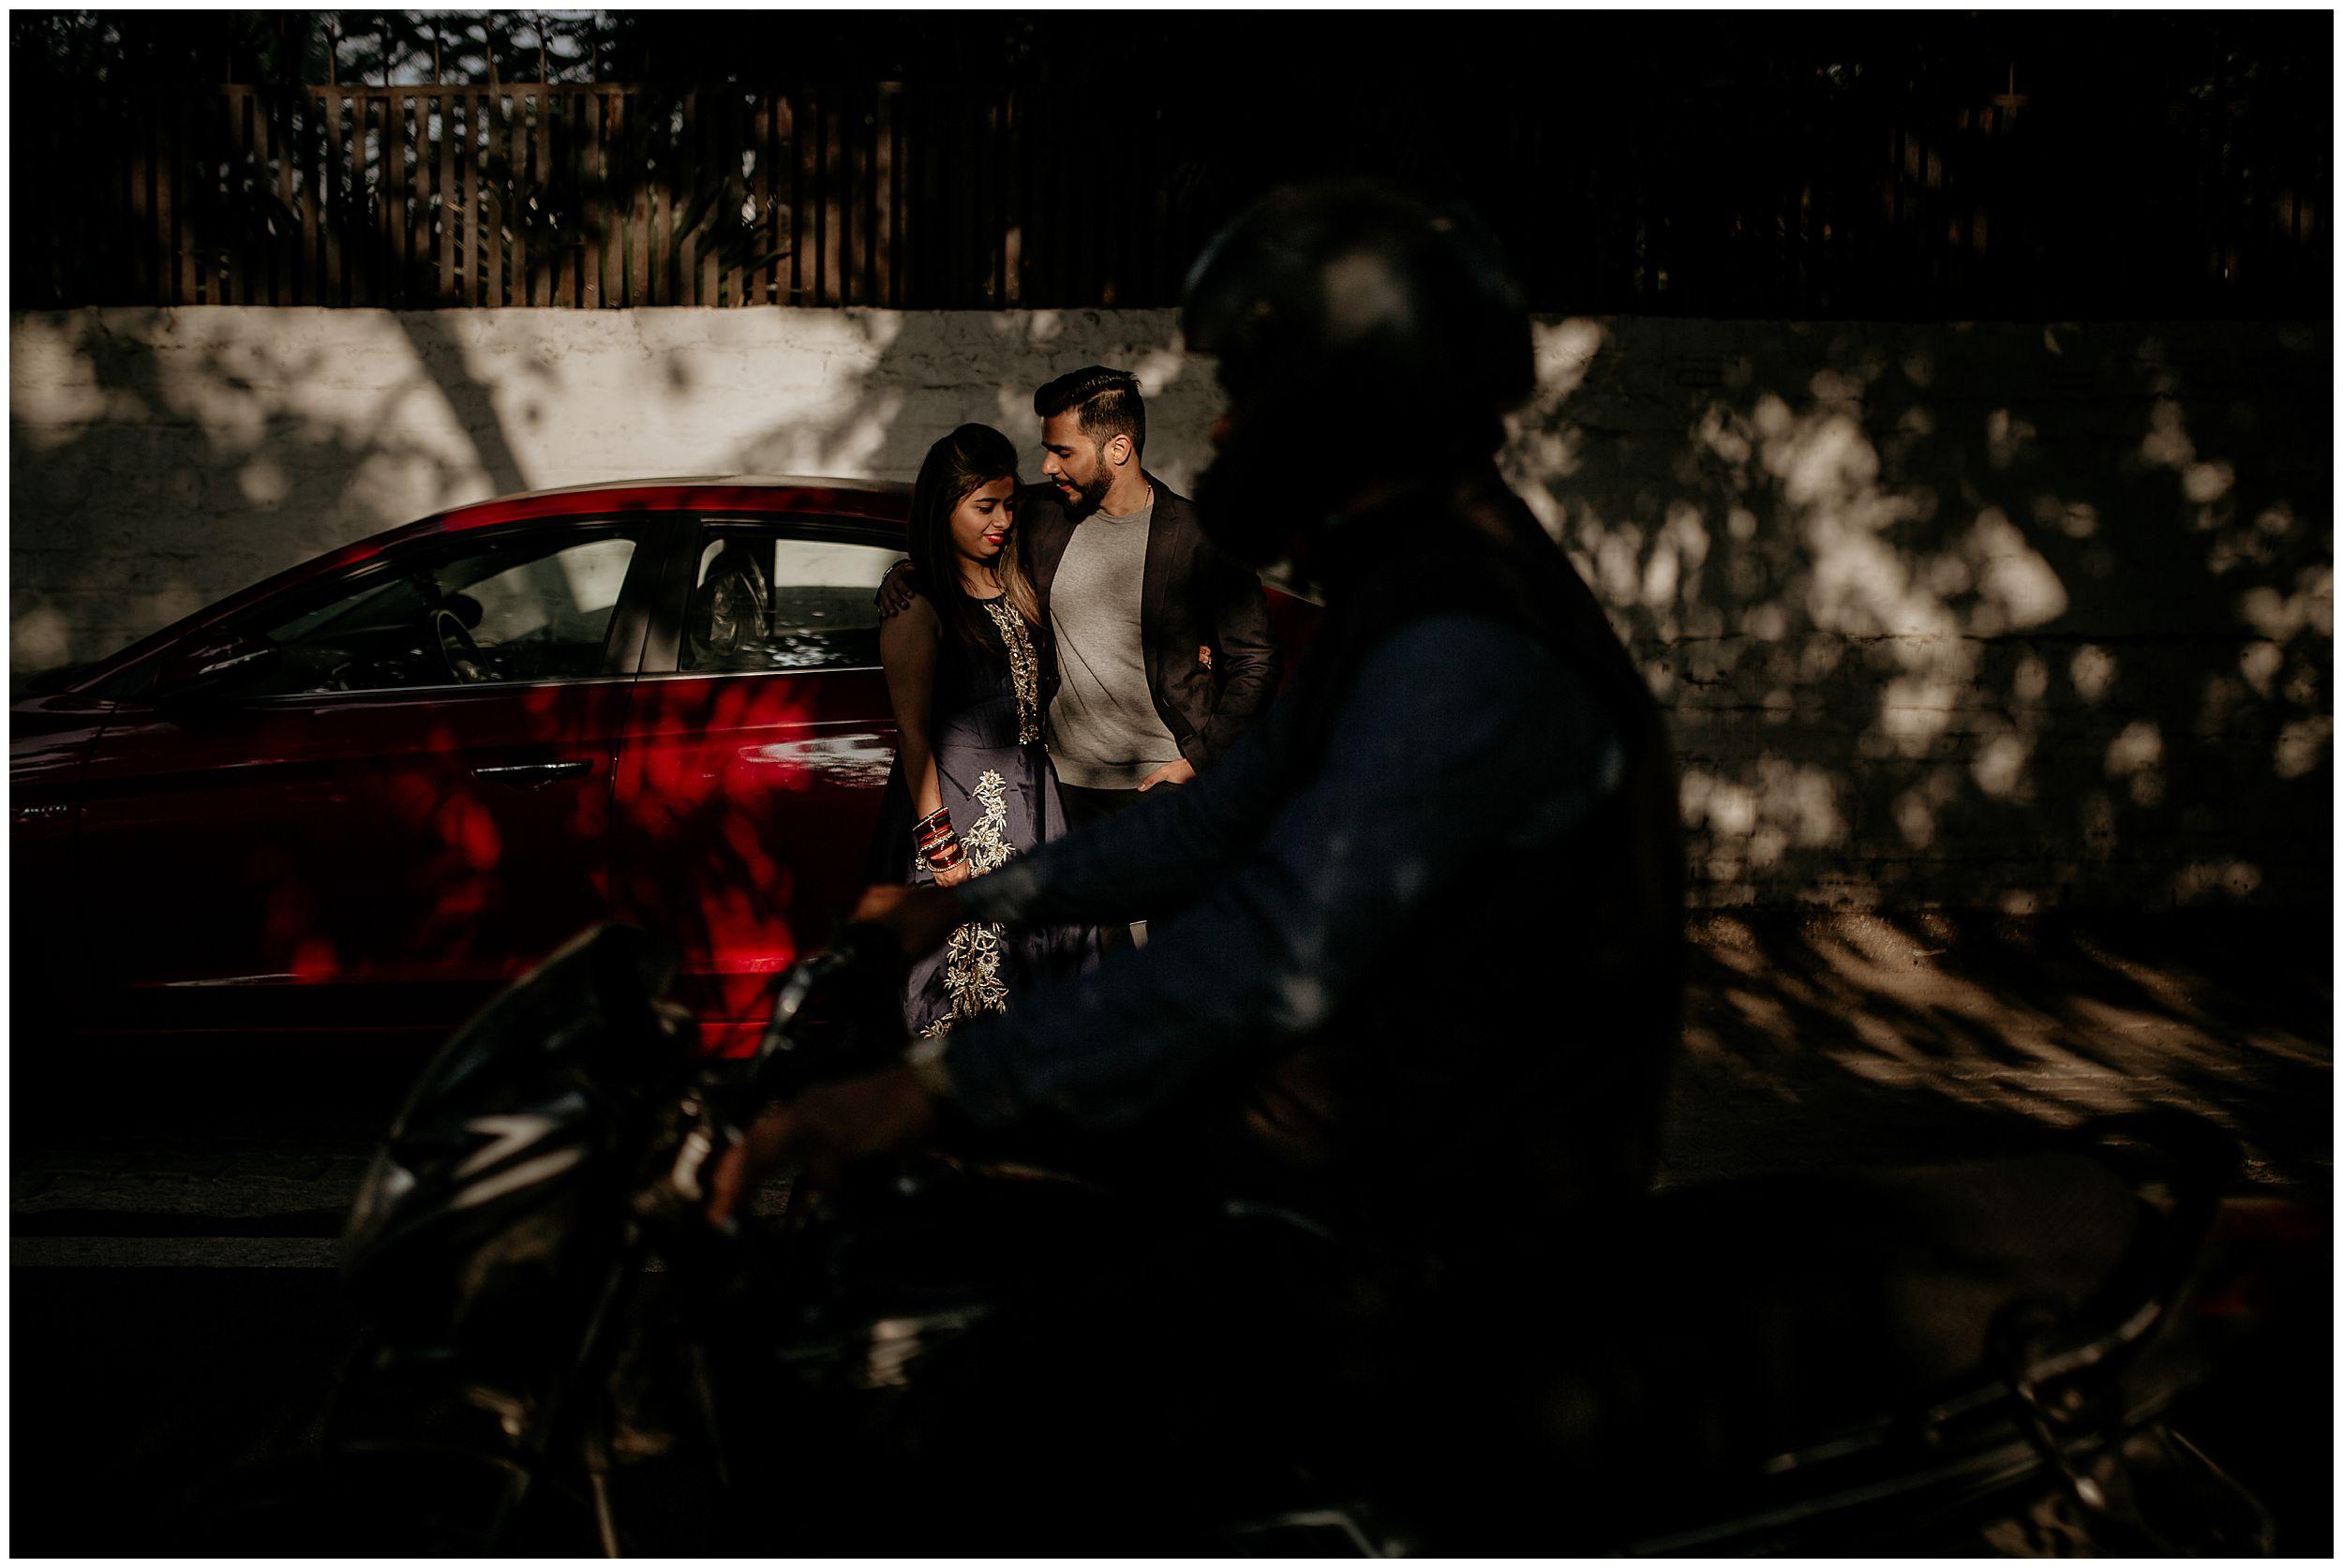 RABBYA_SHARAD_MYVISUALARTISTRY_WEDDING_PHOTOGRAPHY_MVA_DELHI1.jpg